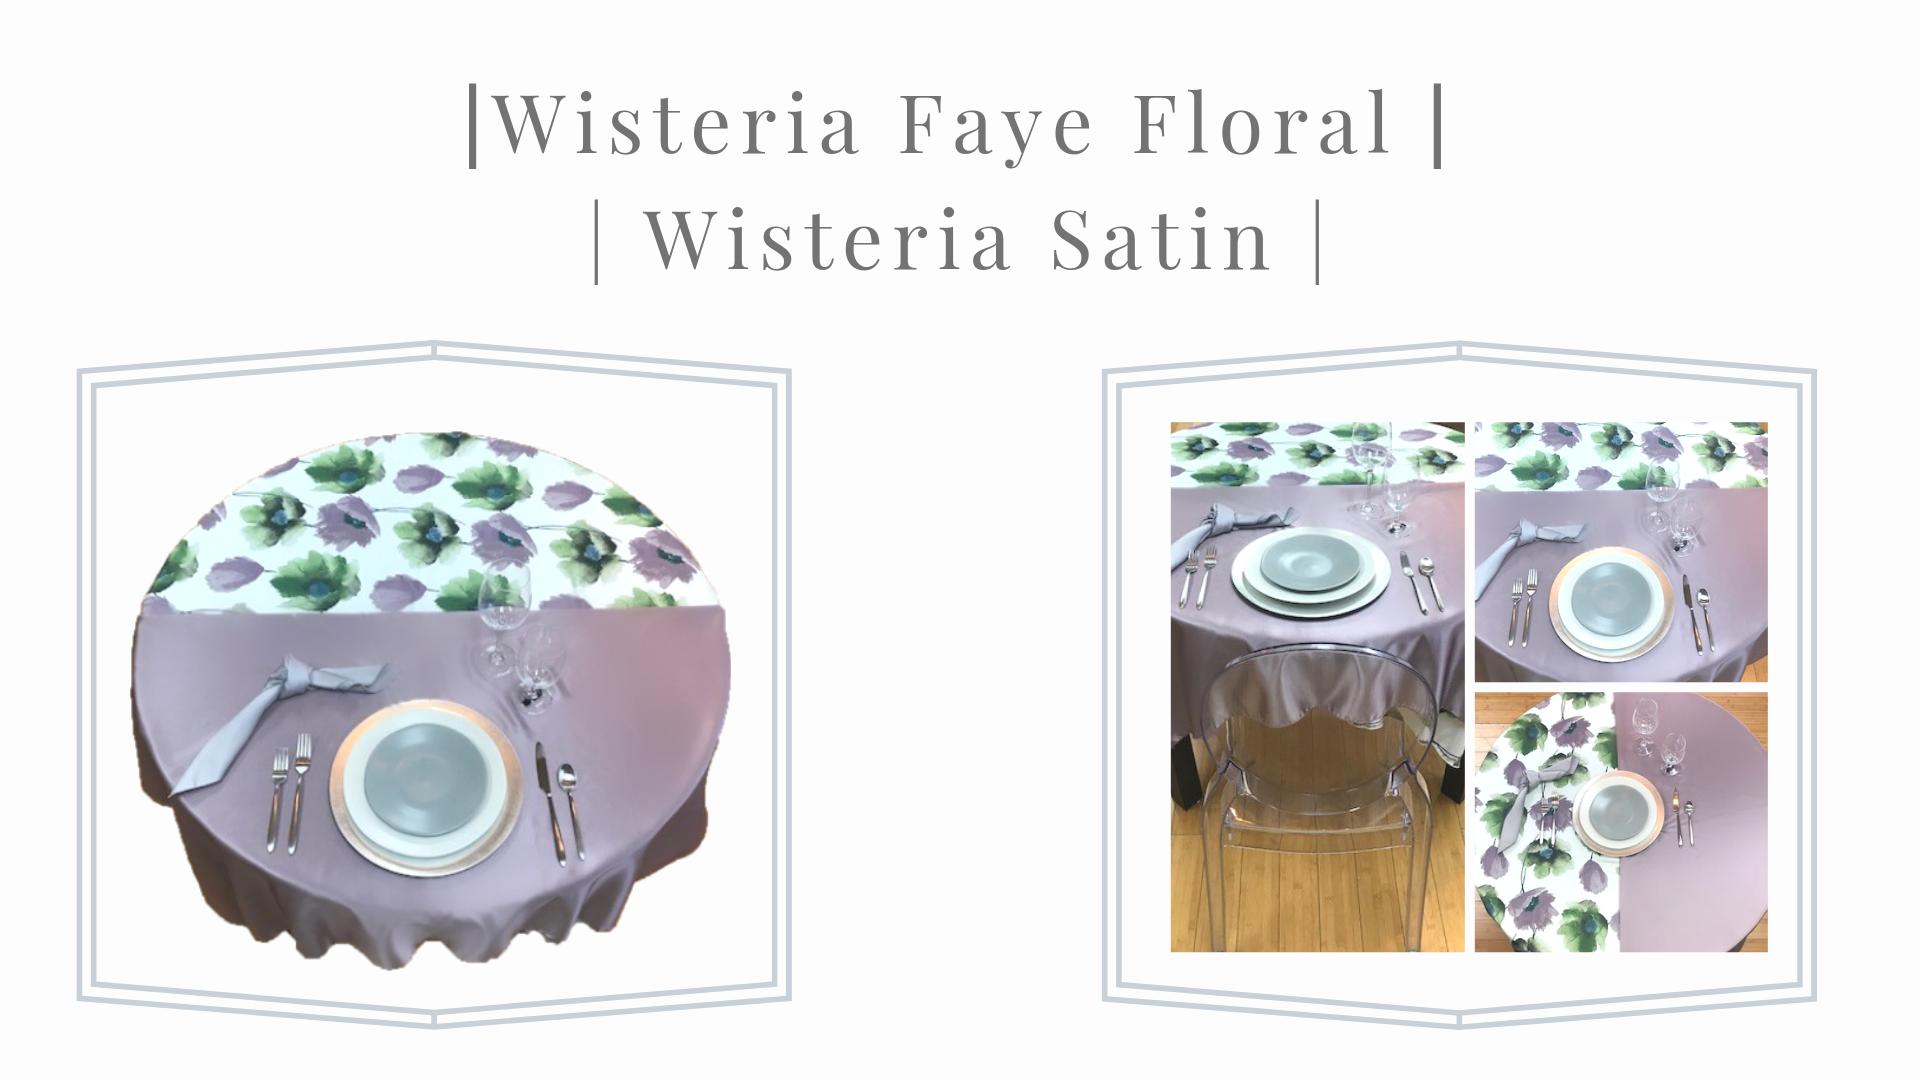 Wisteria Faye Floral